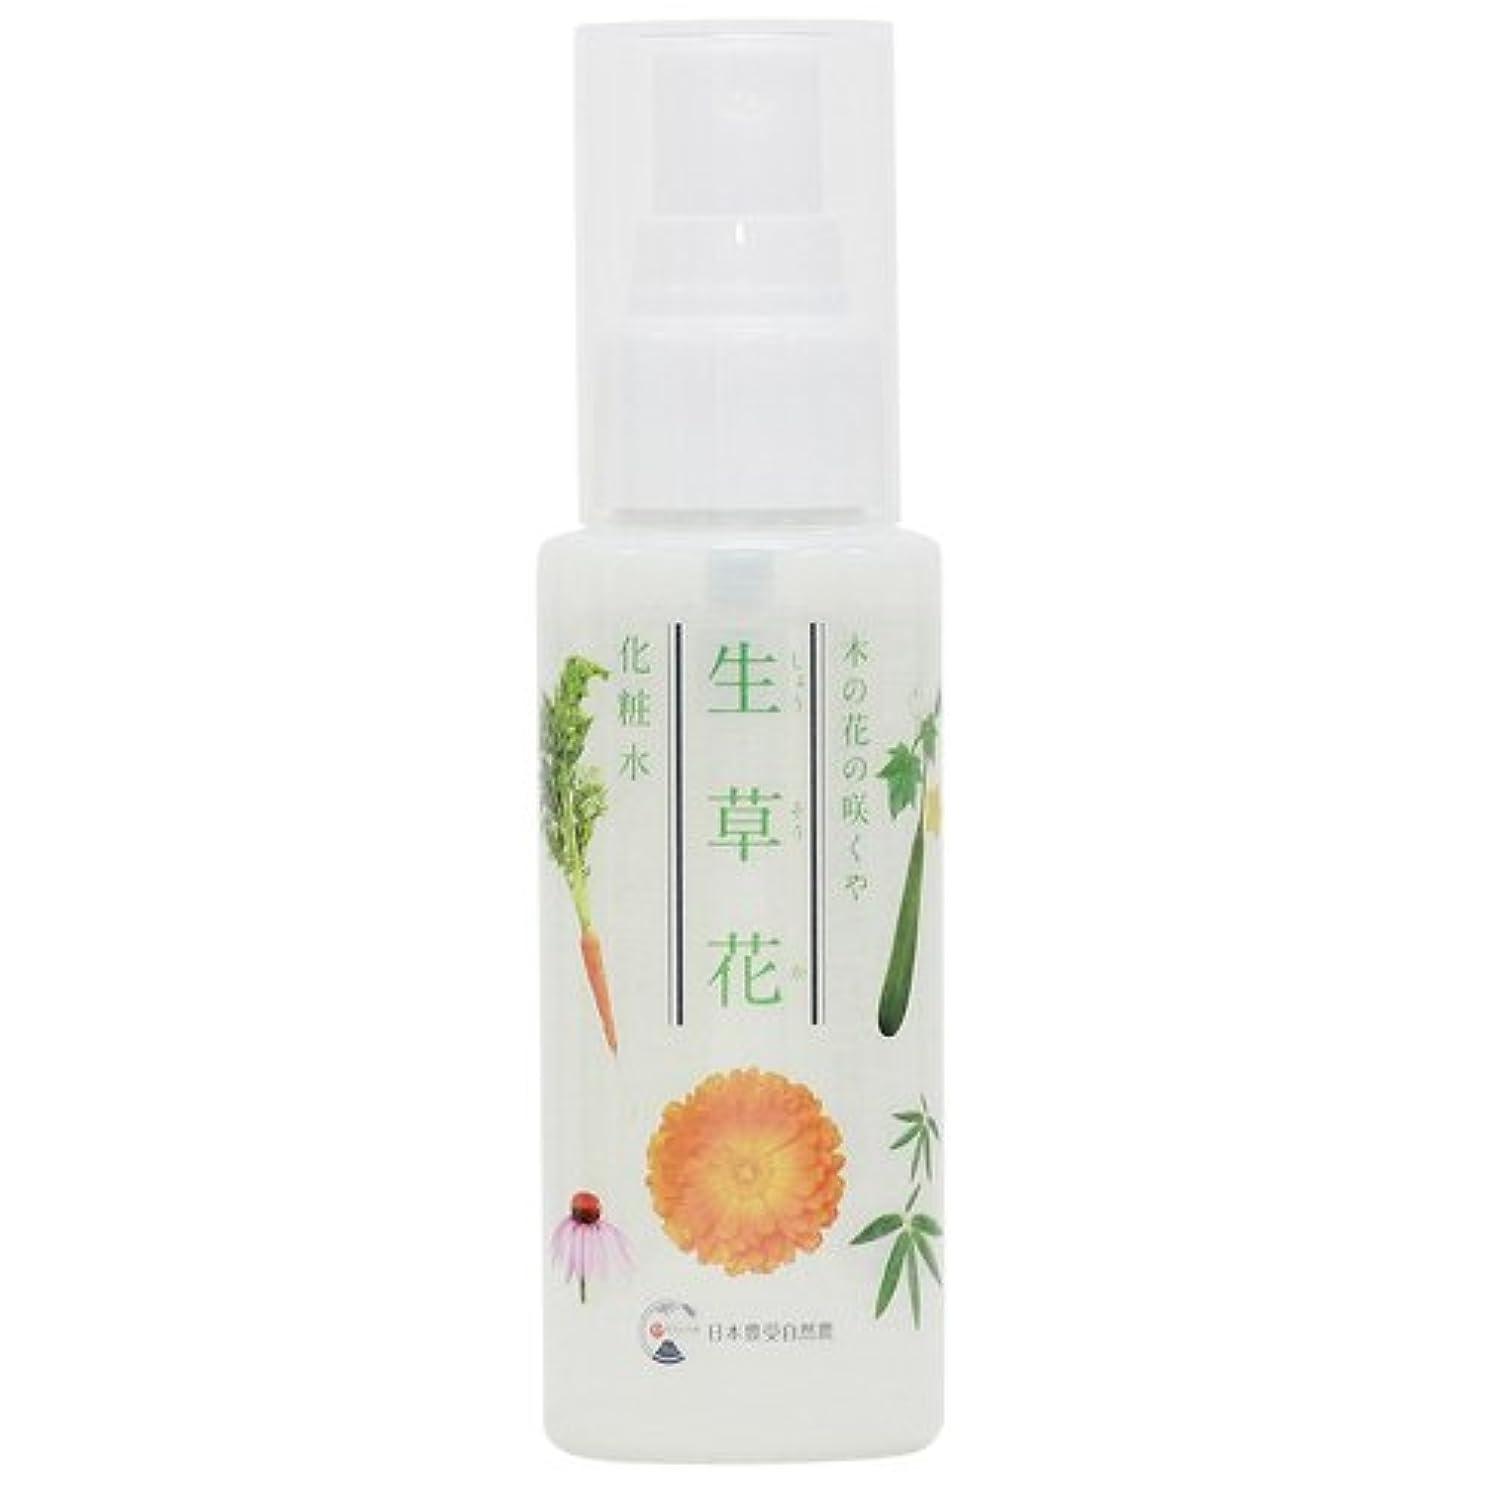 ビバ敵対的バレーボール日本豊受自然農 木の花の咲くや 生草花 化粧水 80ml